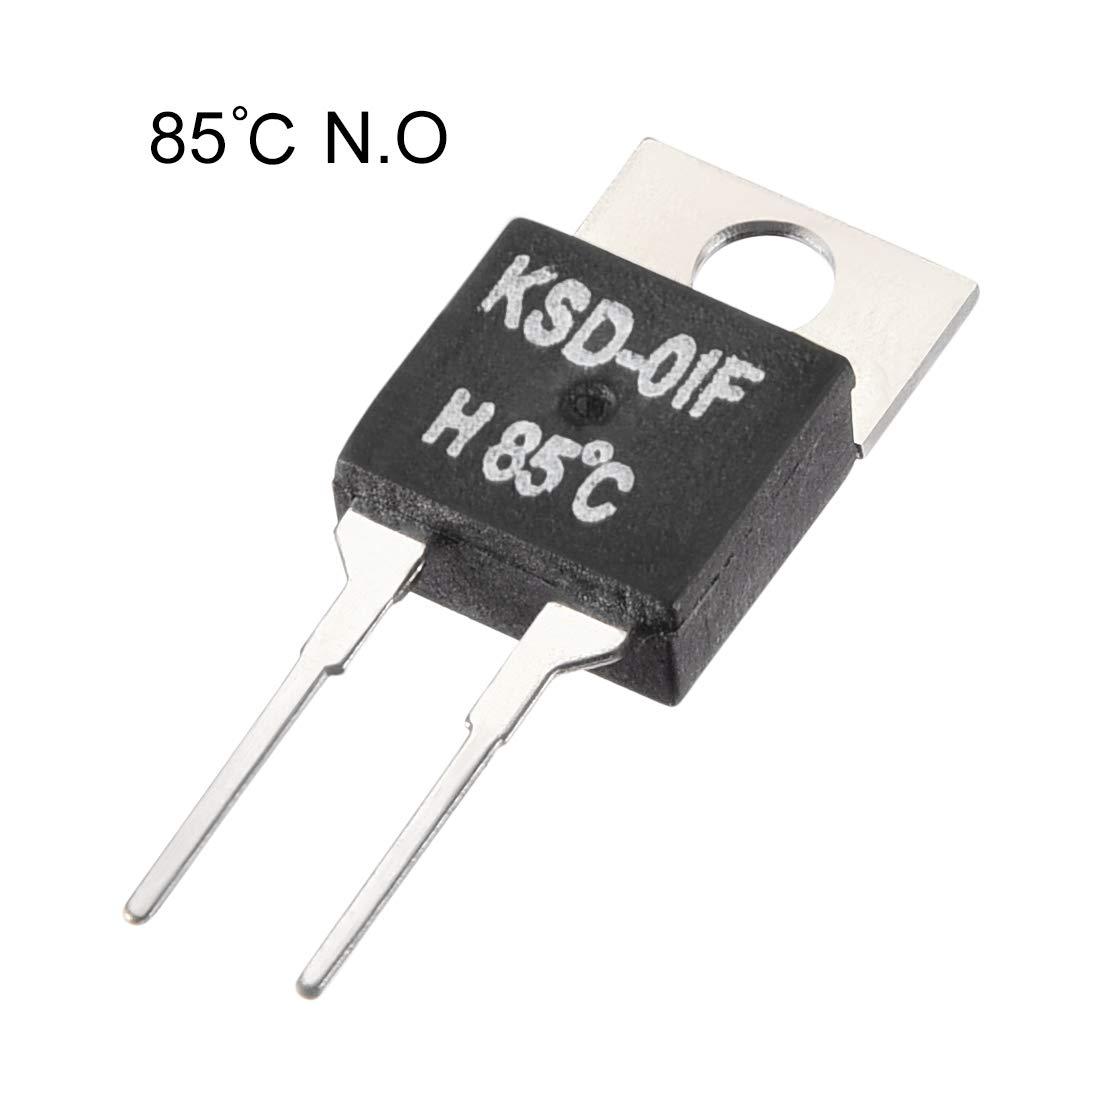 sourcing map KSD-01F Termostato Controlador de temperatura 40℃ N.O Apertura normal 5pcs